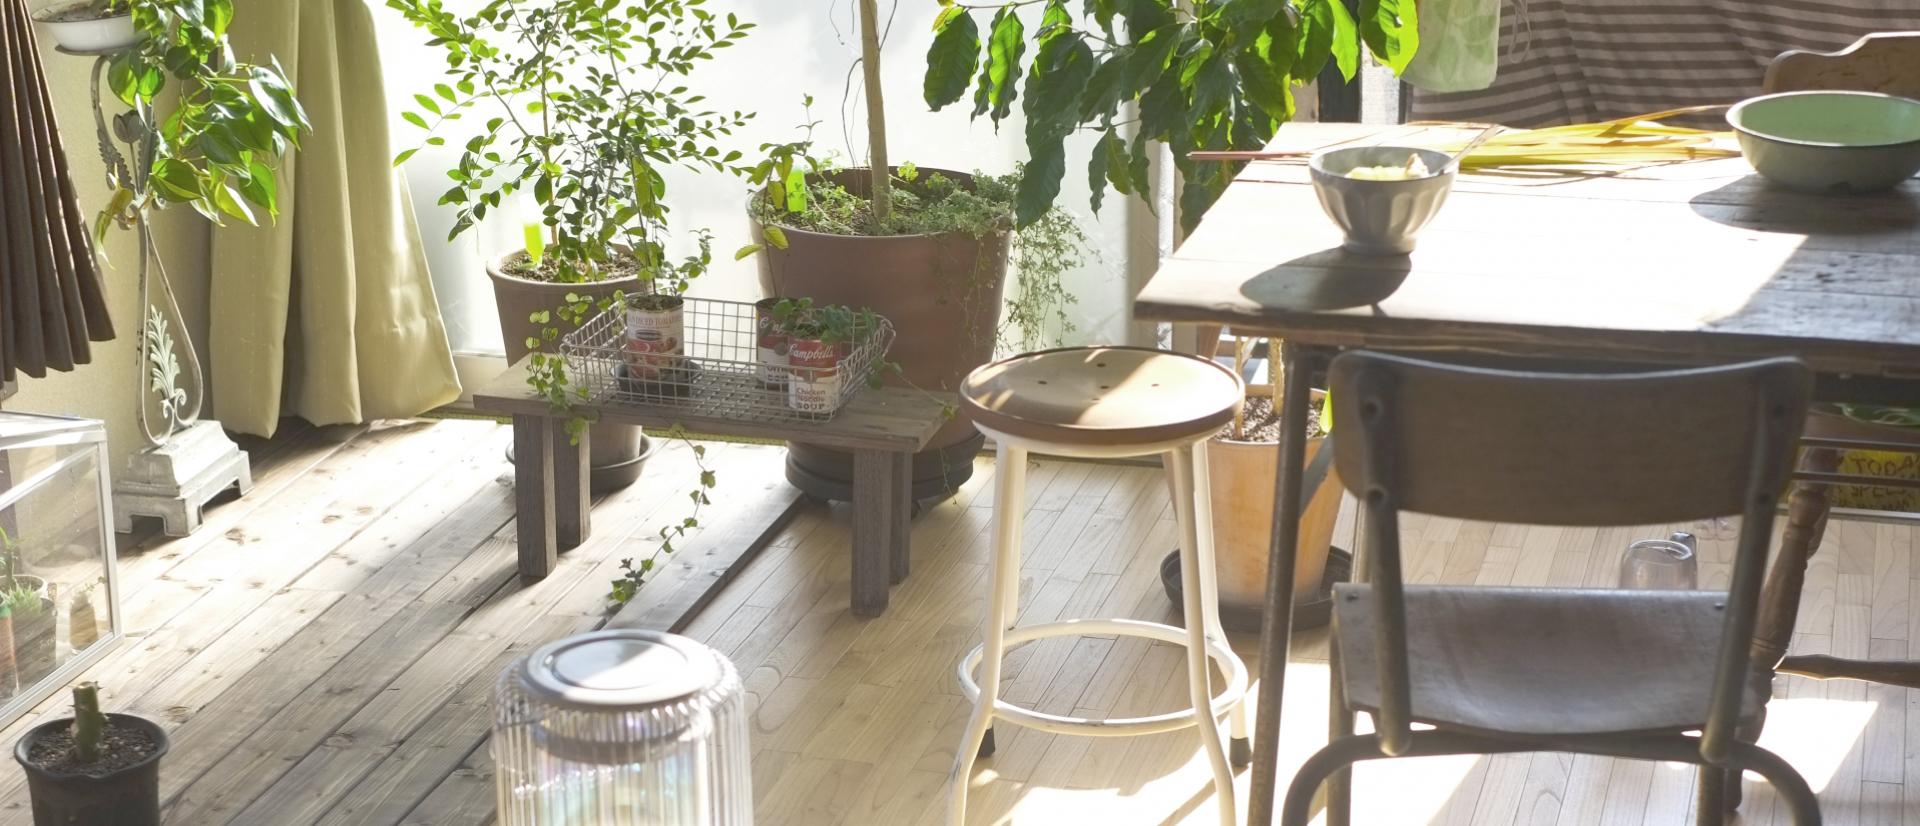 えぐちの家|小松市の新築・注文住宅・庭にこだわる家づくり CREATION EGUCHI